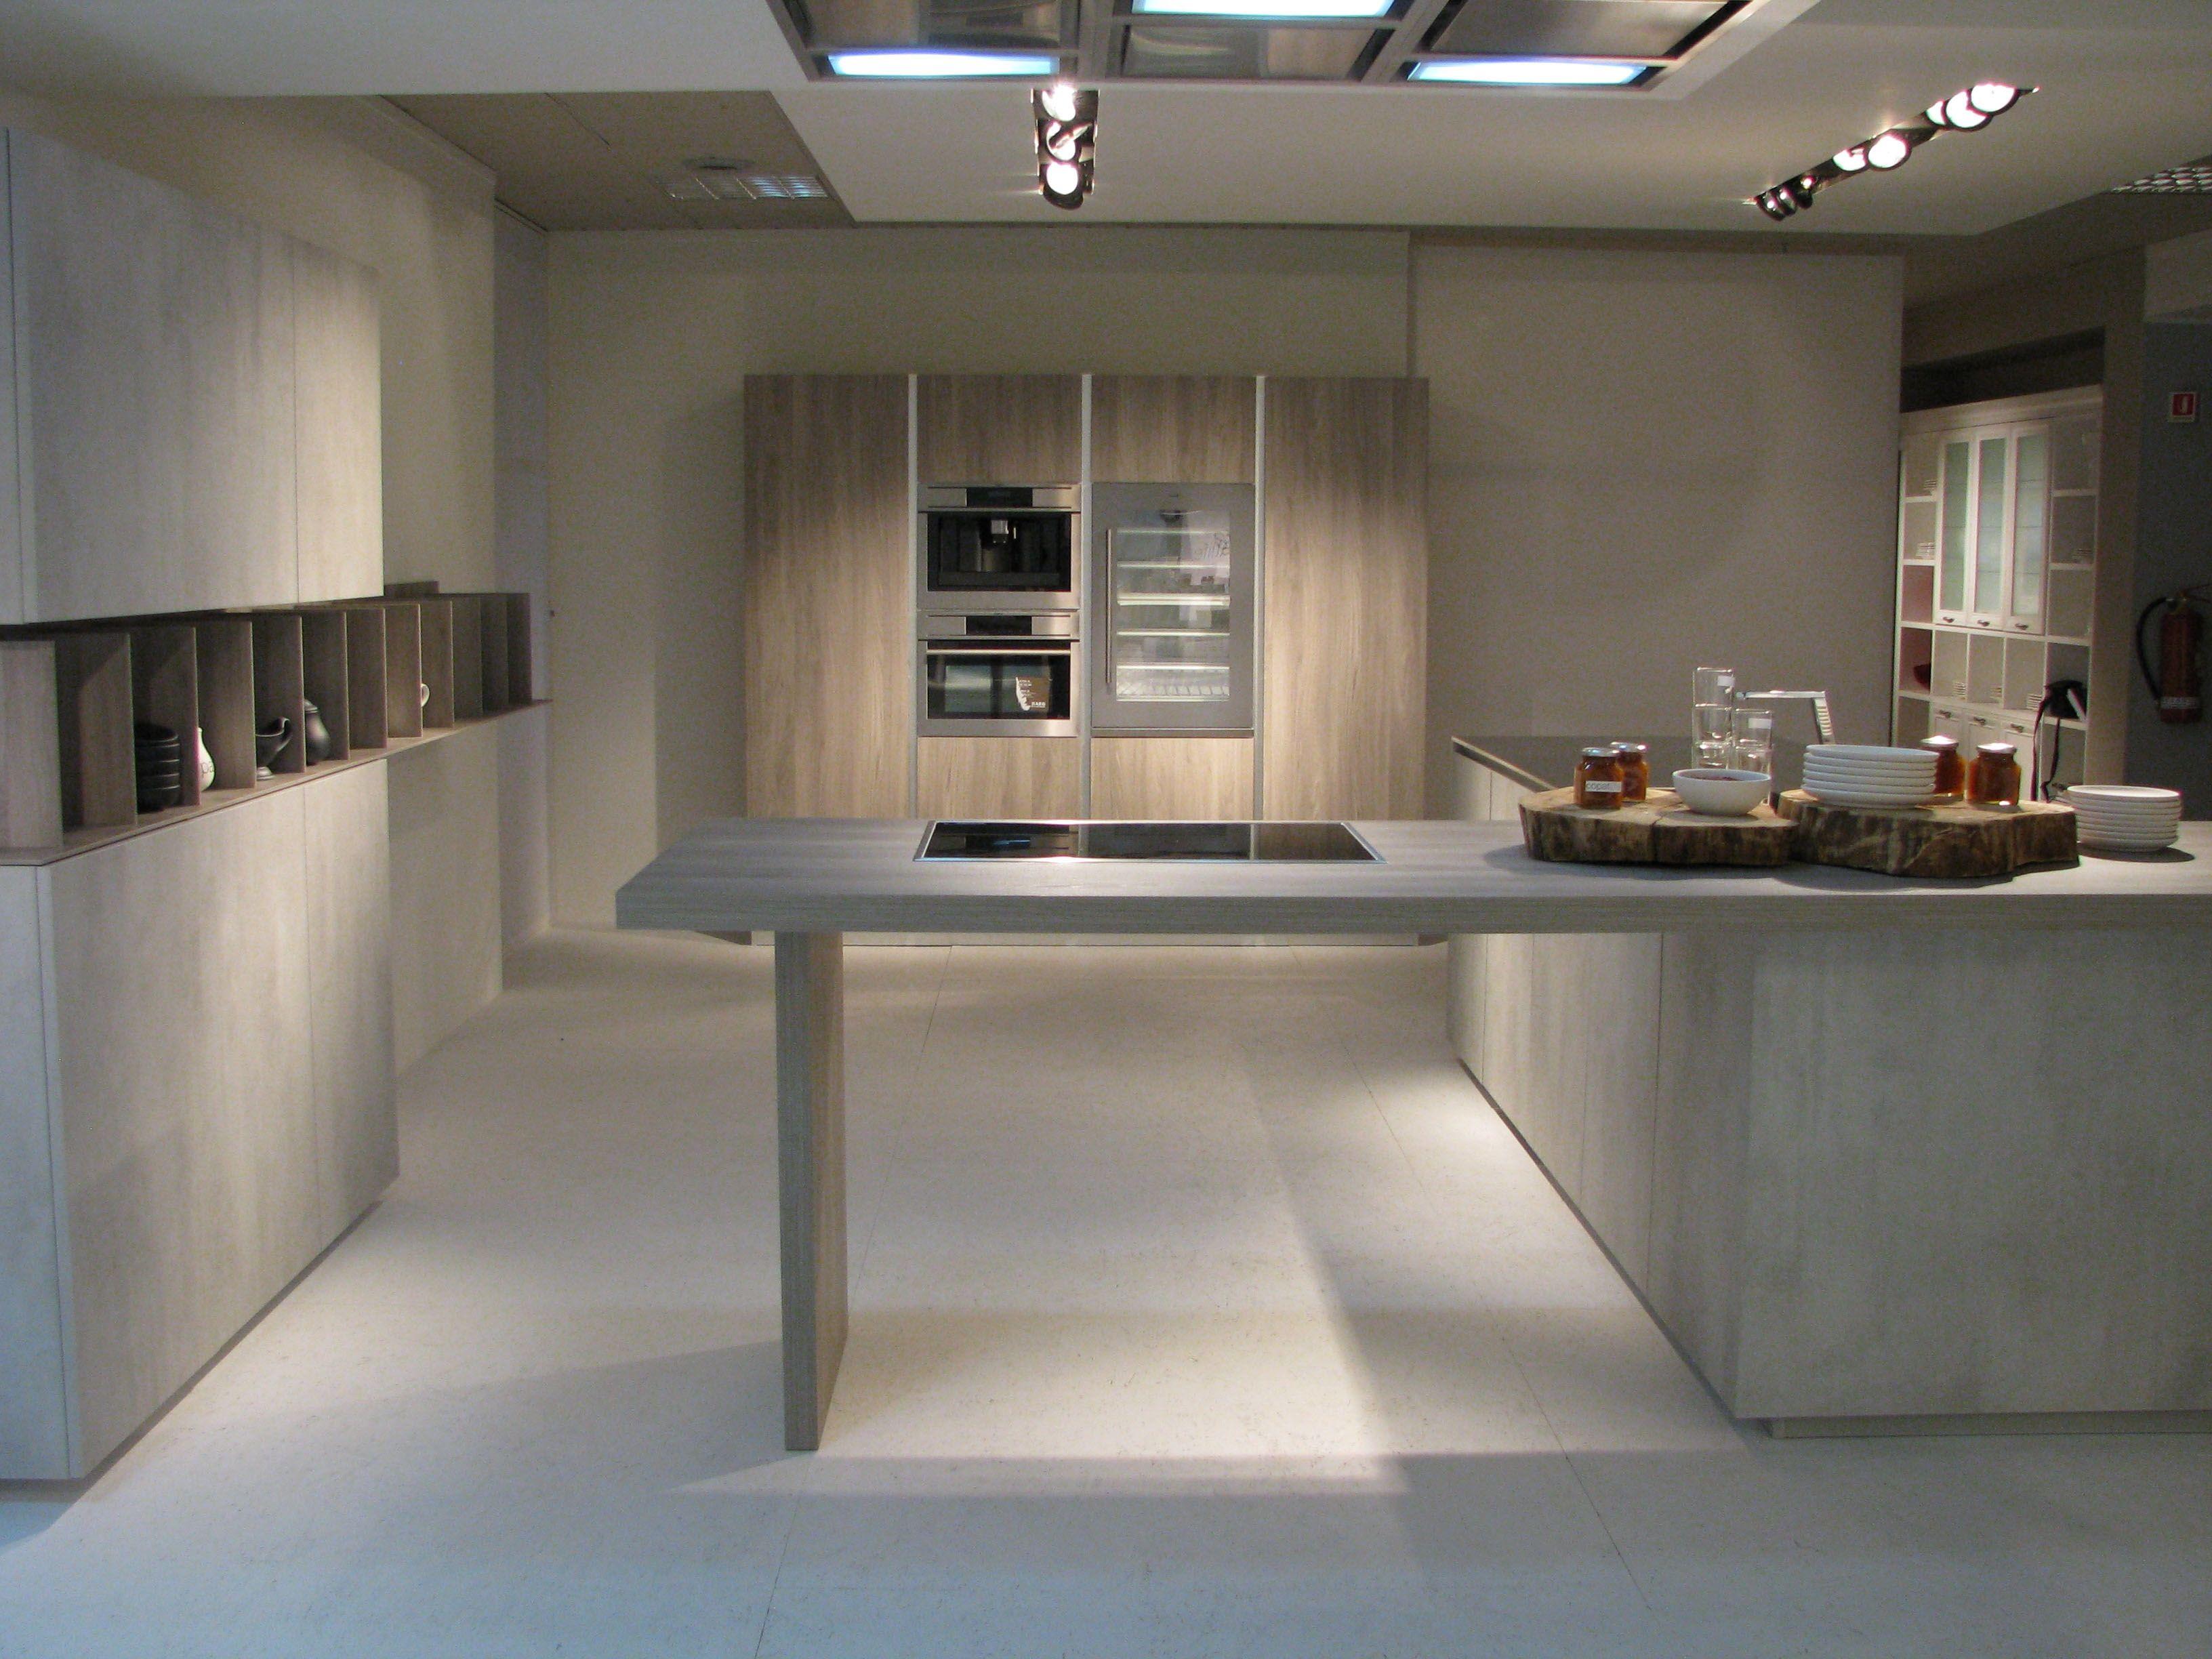 cucina-copat-life-2-1-scontata-del-60-proveniente-da-set ...